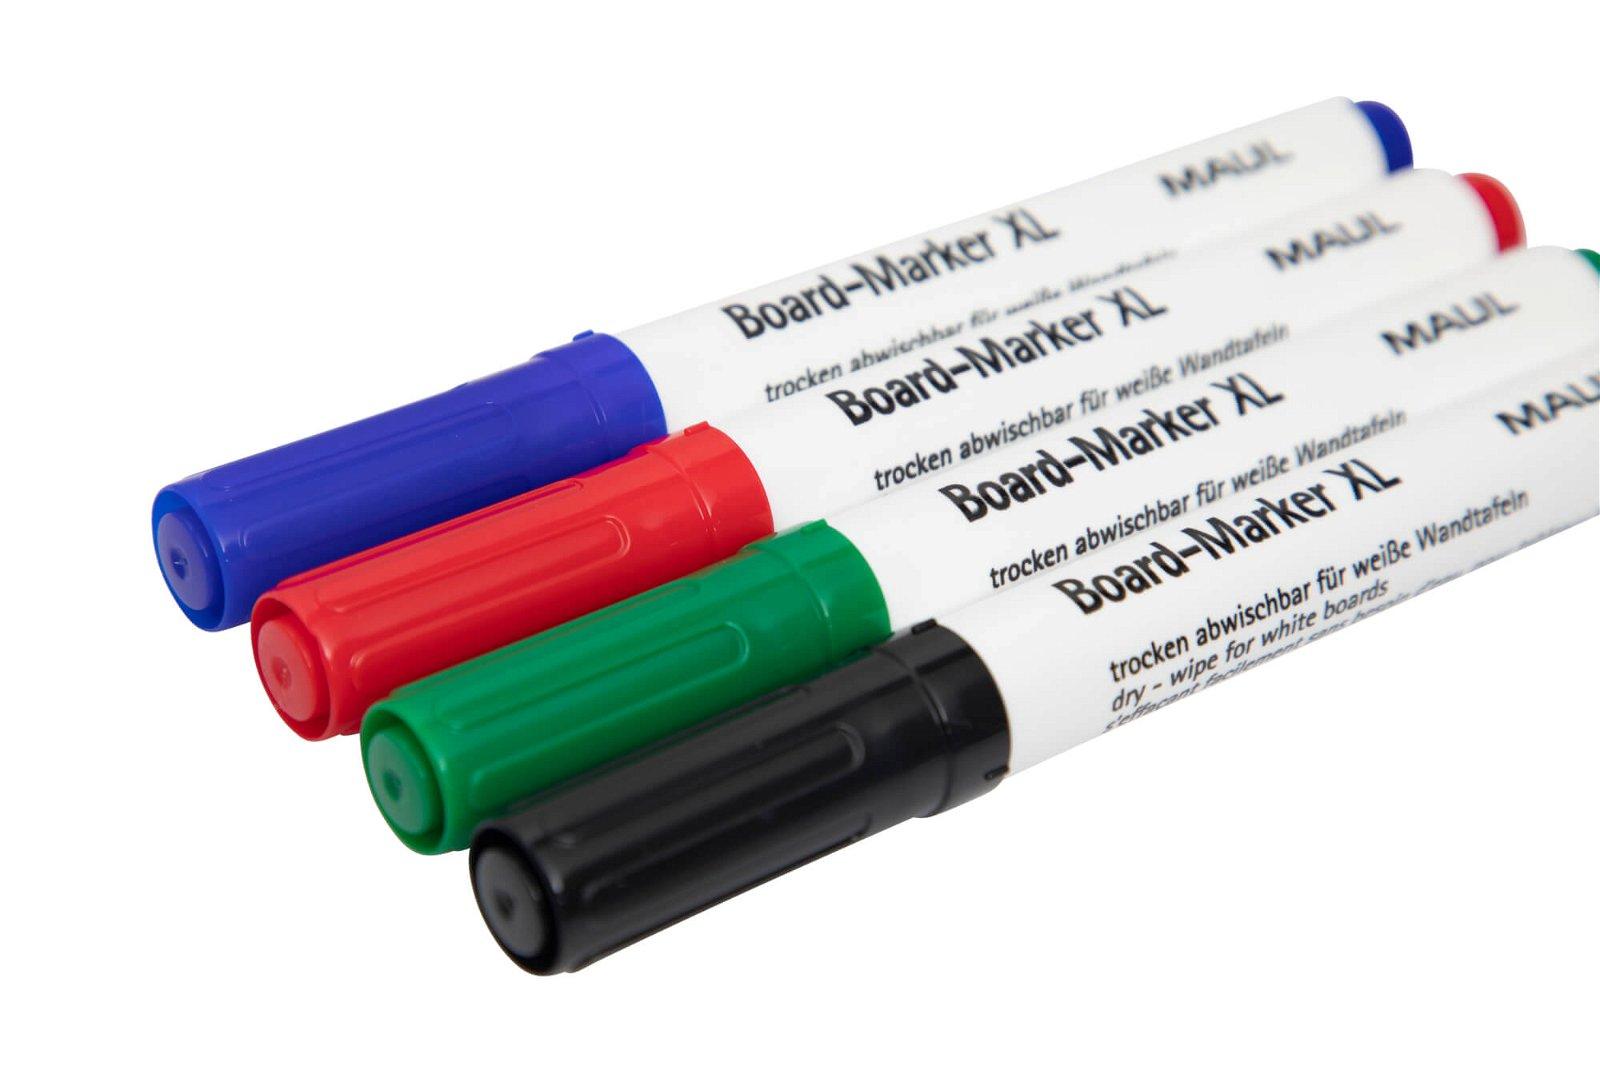 Boardmarker-Set XL, 4 St./Set, farbig sortiert